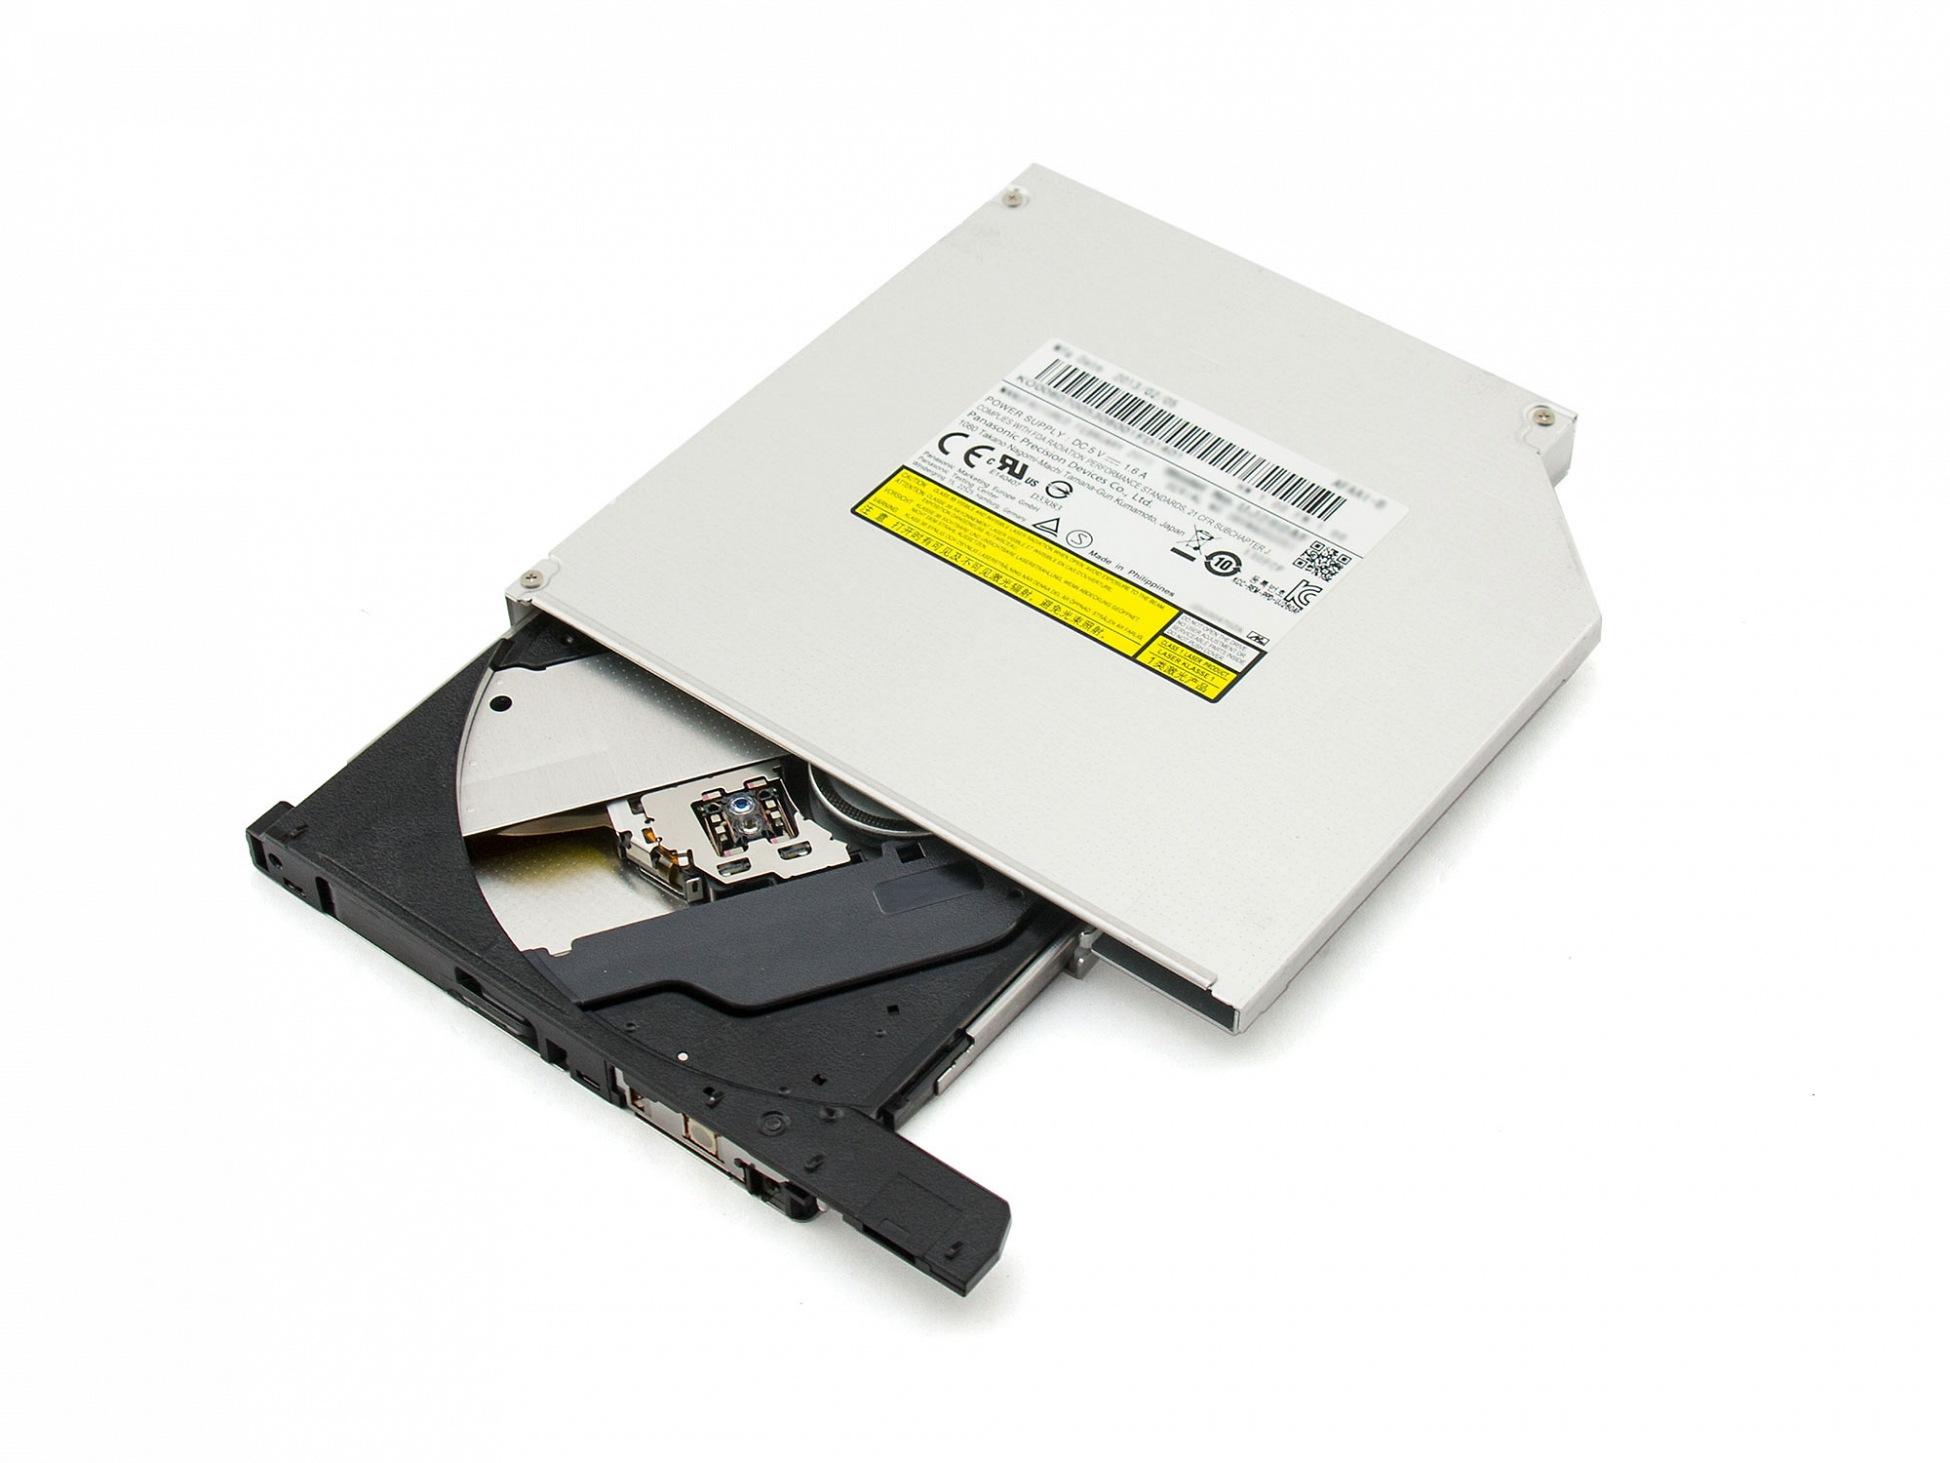 DVD / Blu-Ray Brenner Samsung für Fujitsu Amilo Li-3910 Reg.No. EF9